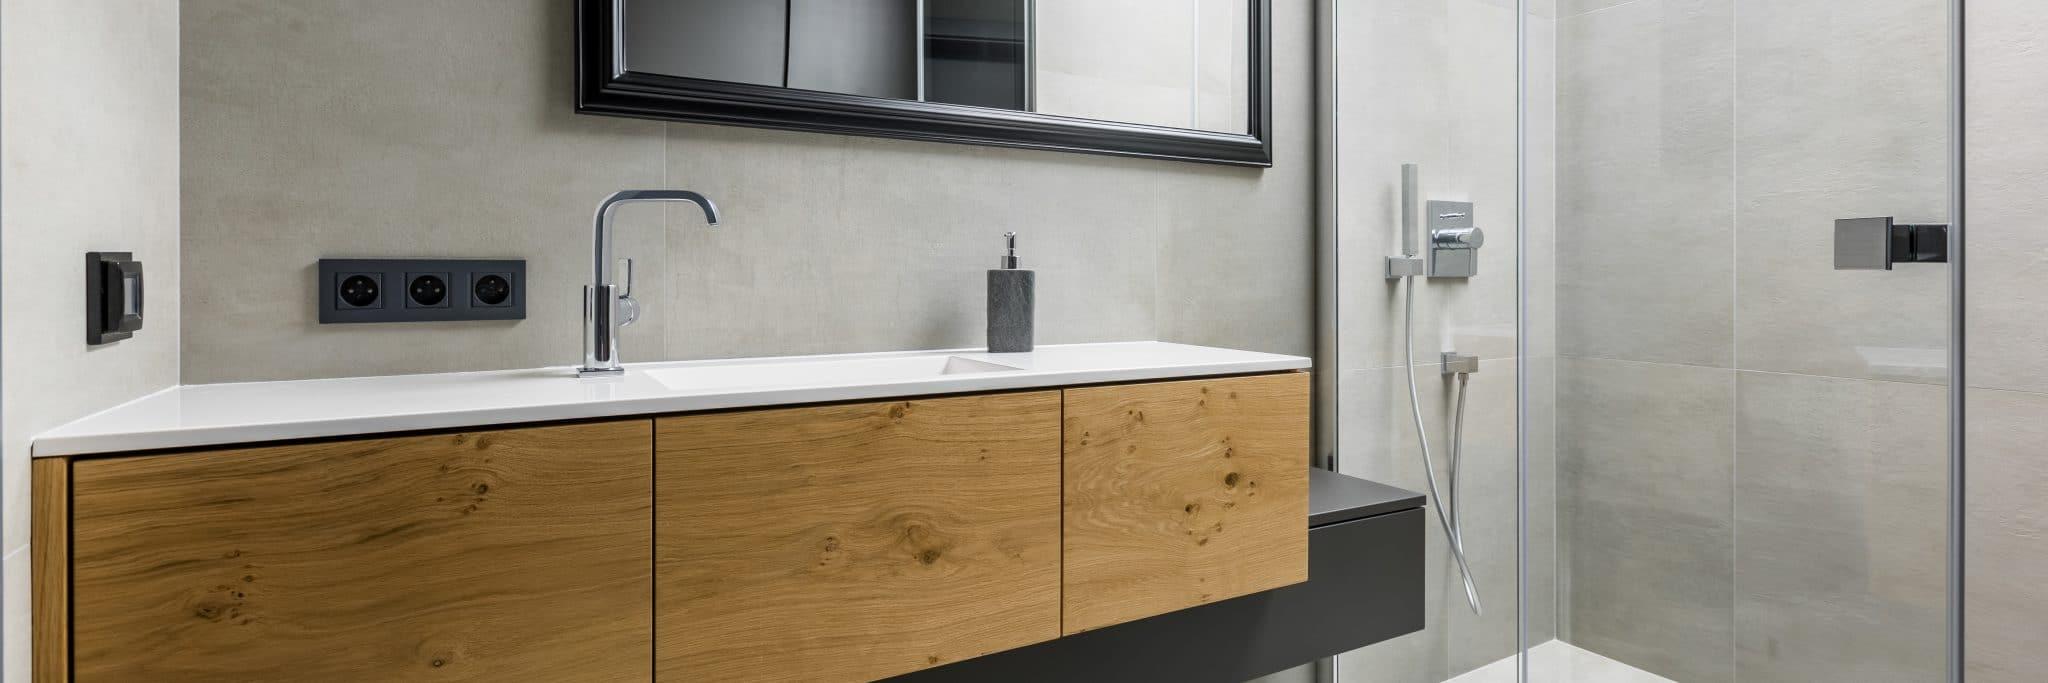 Meuble de salle de bain : Comment bien choisir son mobilier ?